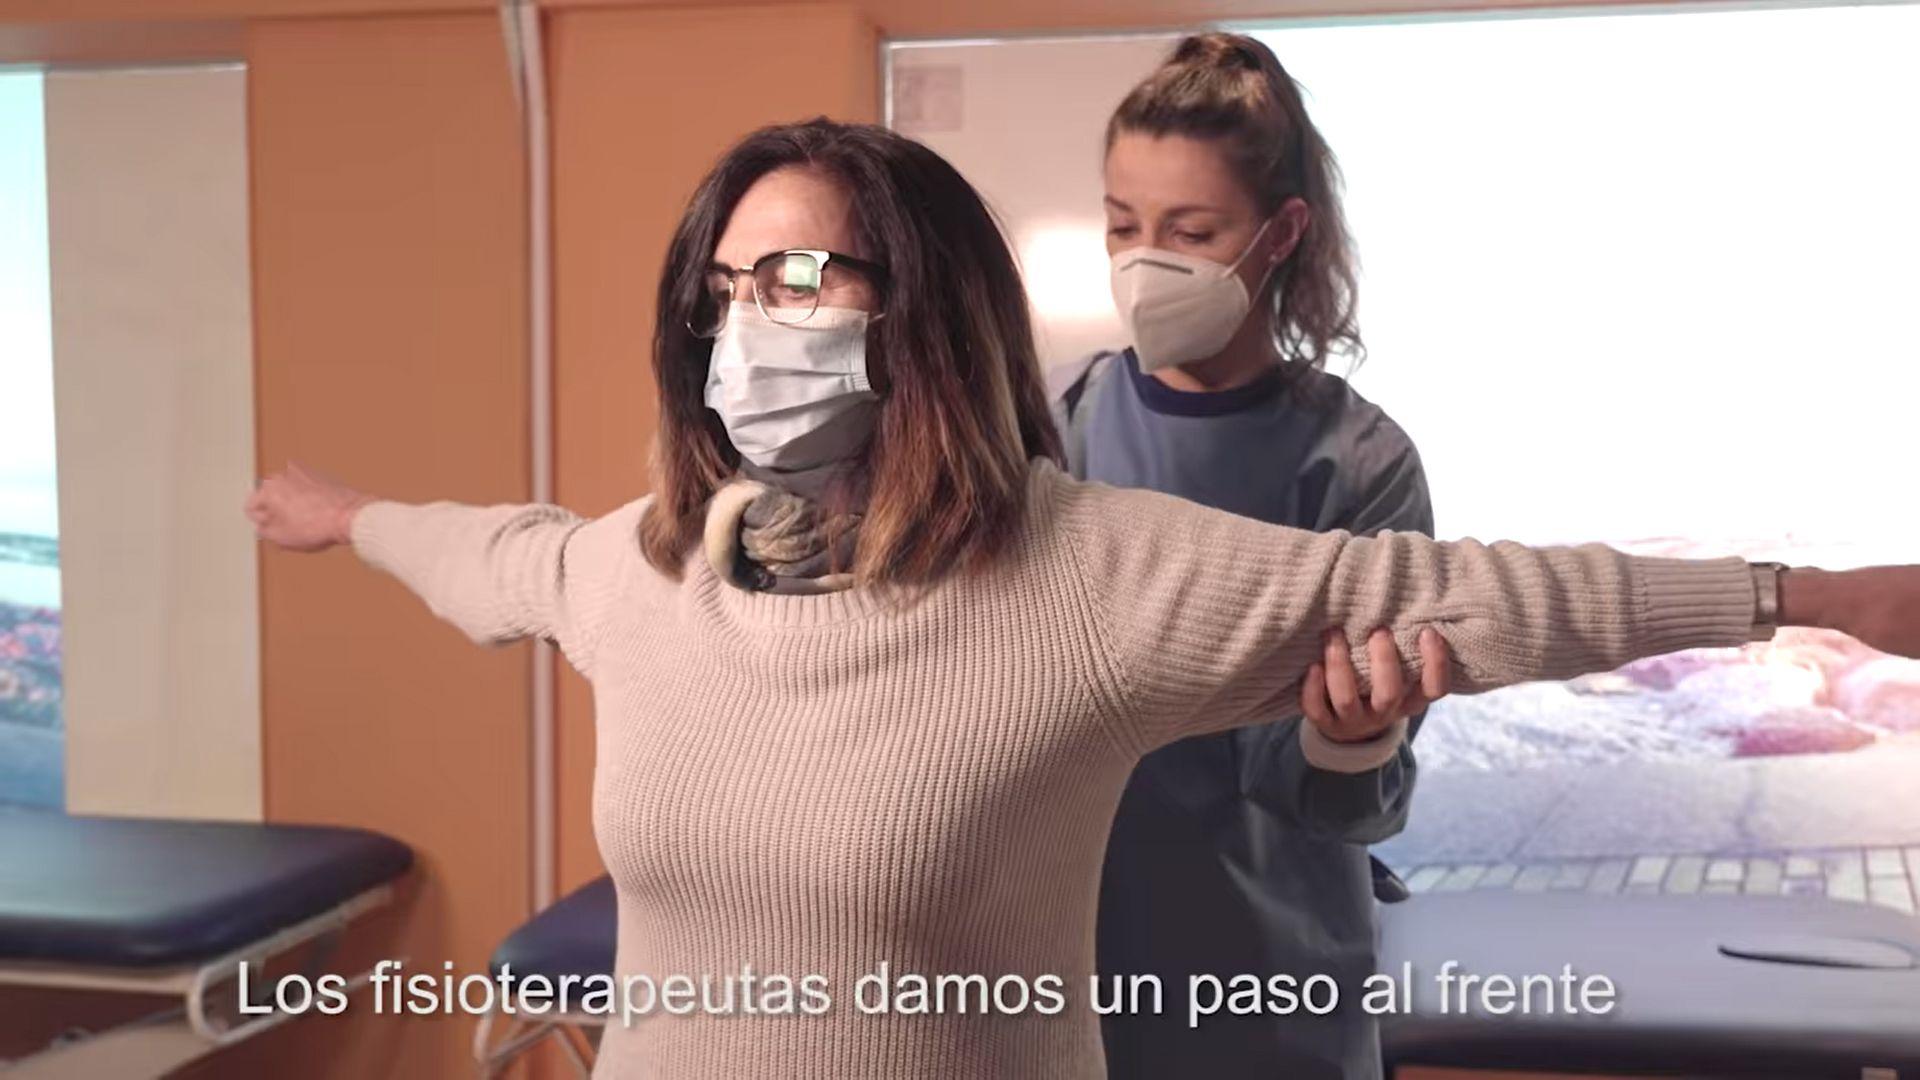 'La Fisioterapia te da el aire que necesitas' de fisioterapeutas españoles